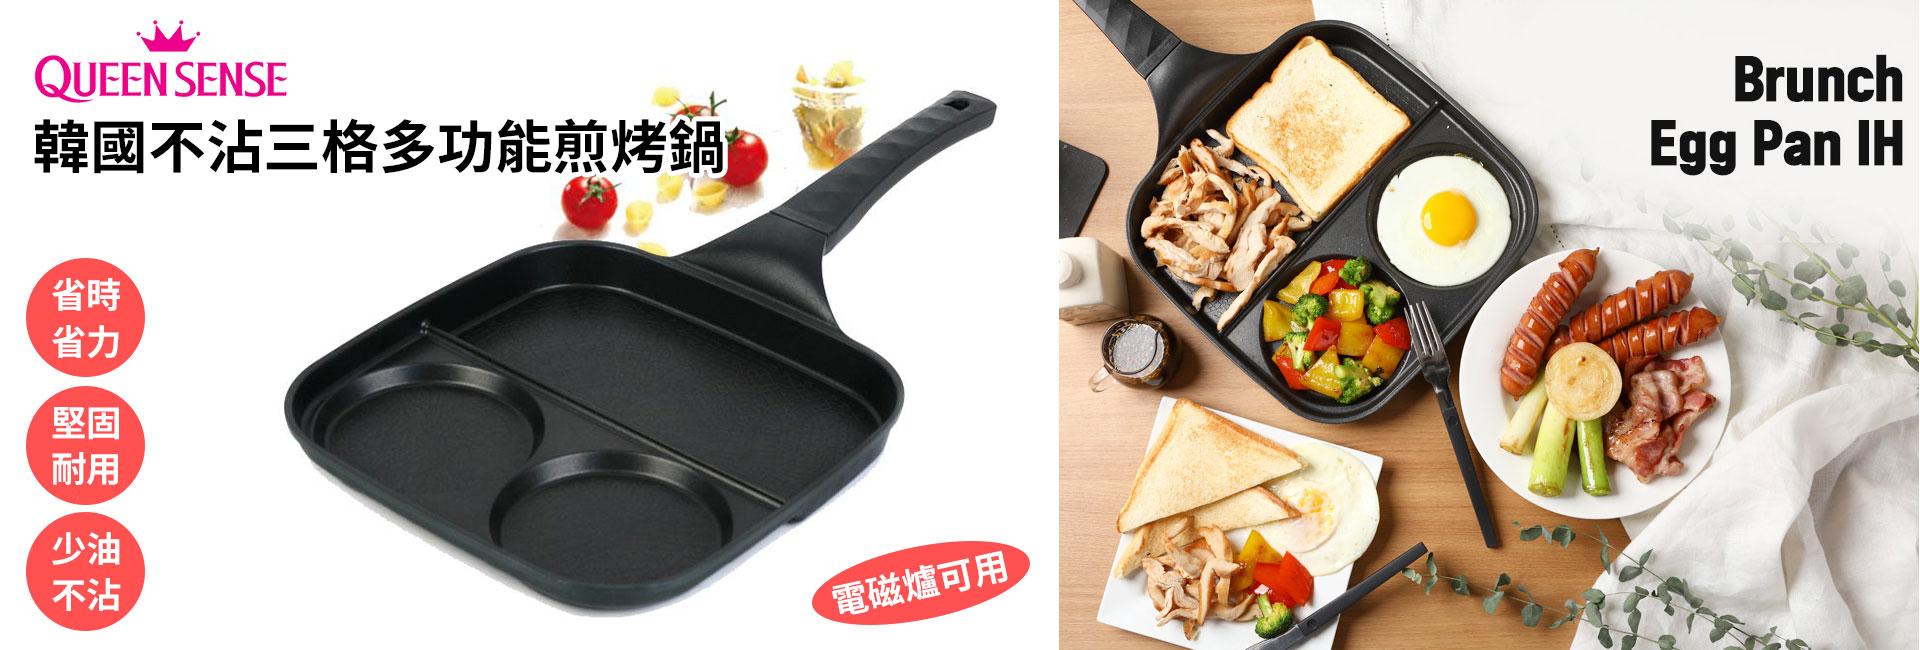 韓國不沾三格多功能煎烤鍋